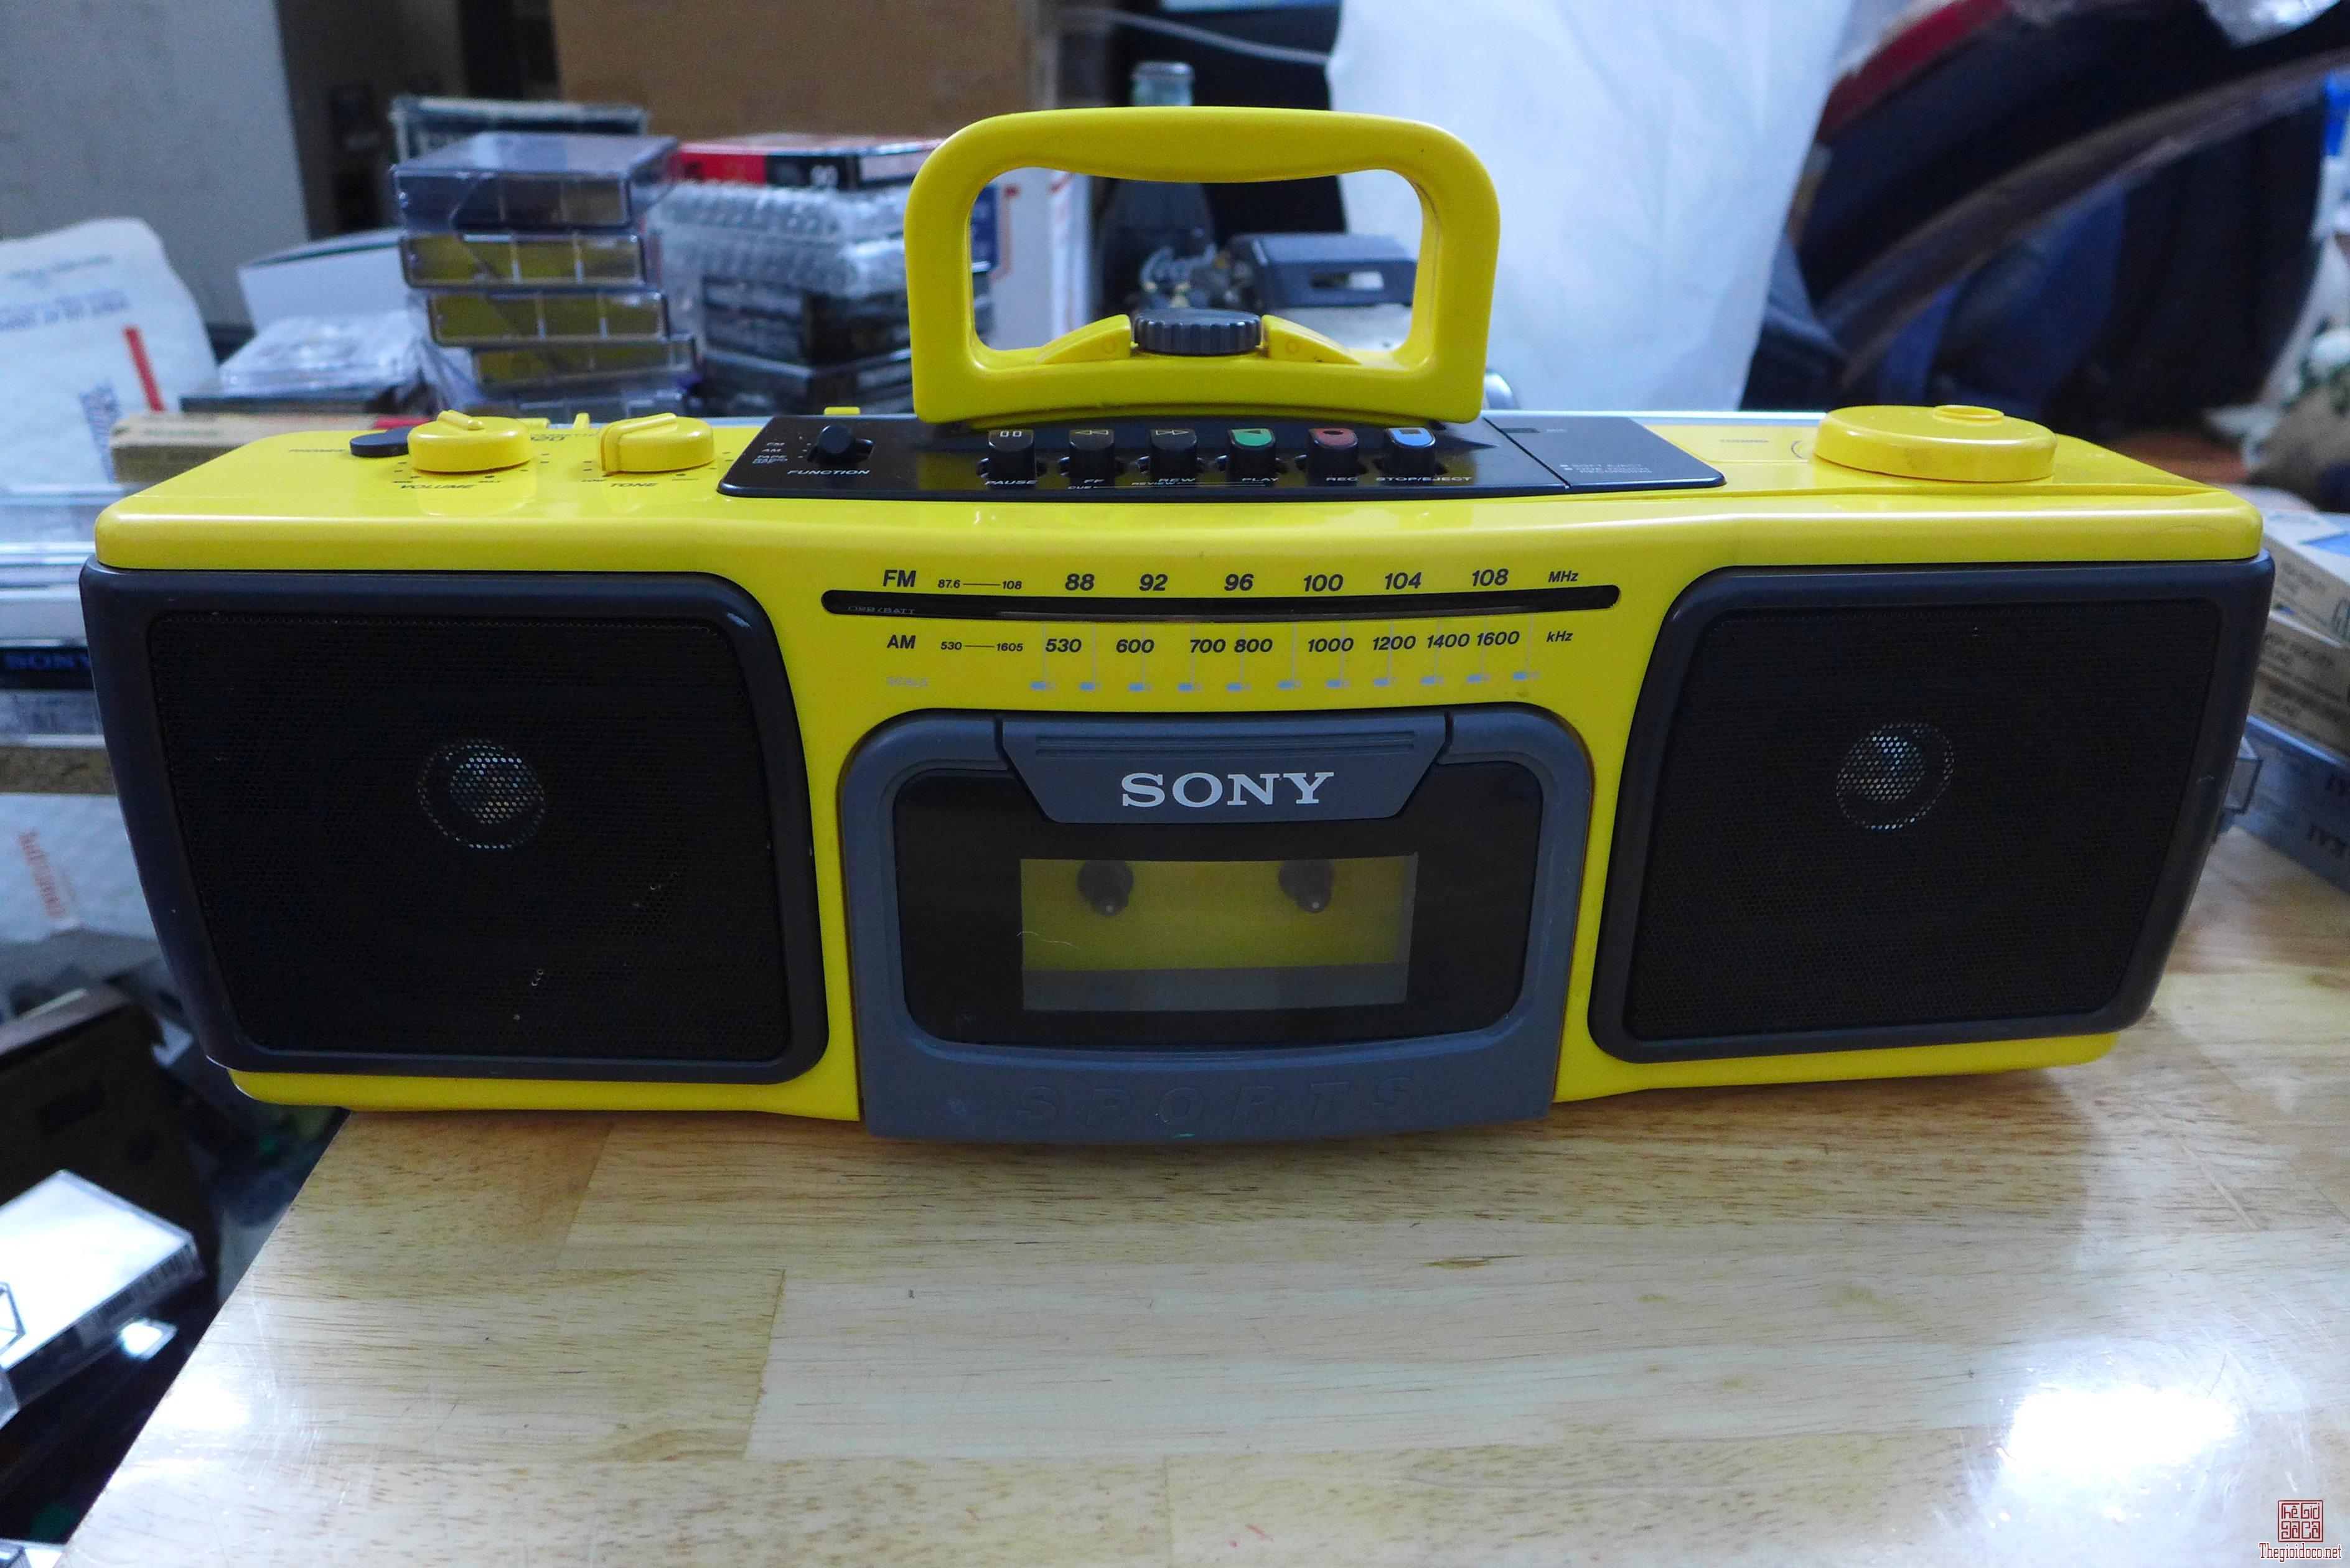 HCM - Q10 - Bán cassette Sony CFS-920 và Aiwa W330.